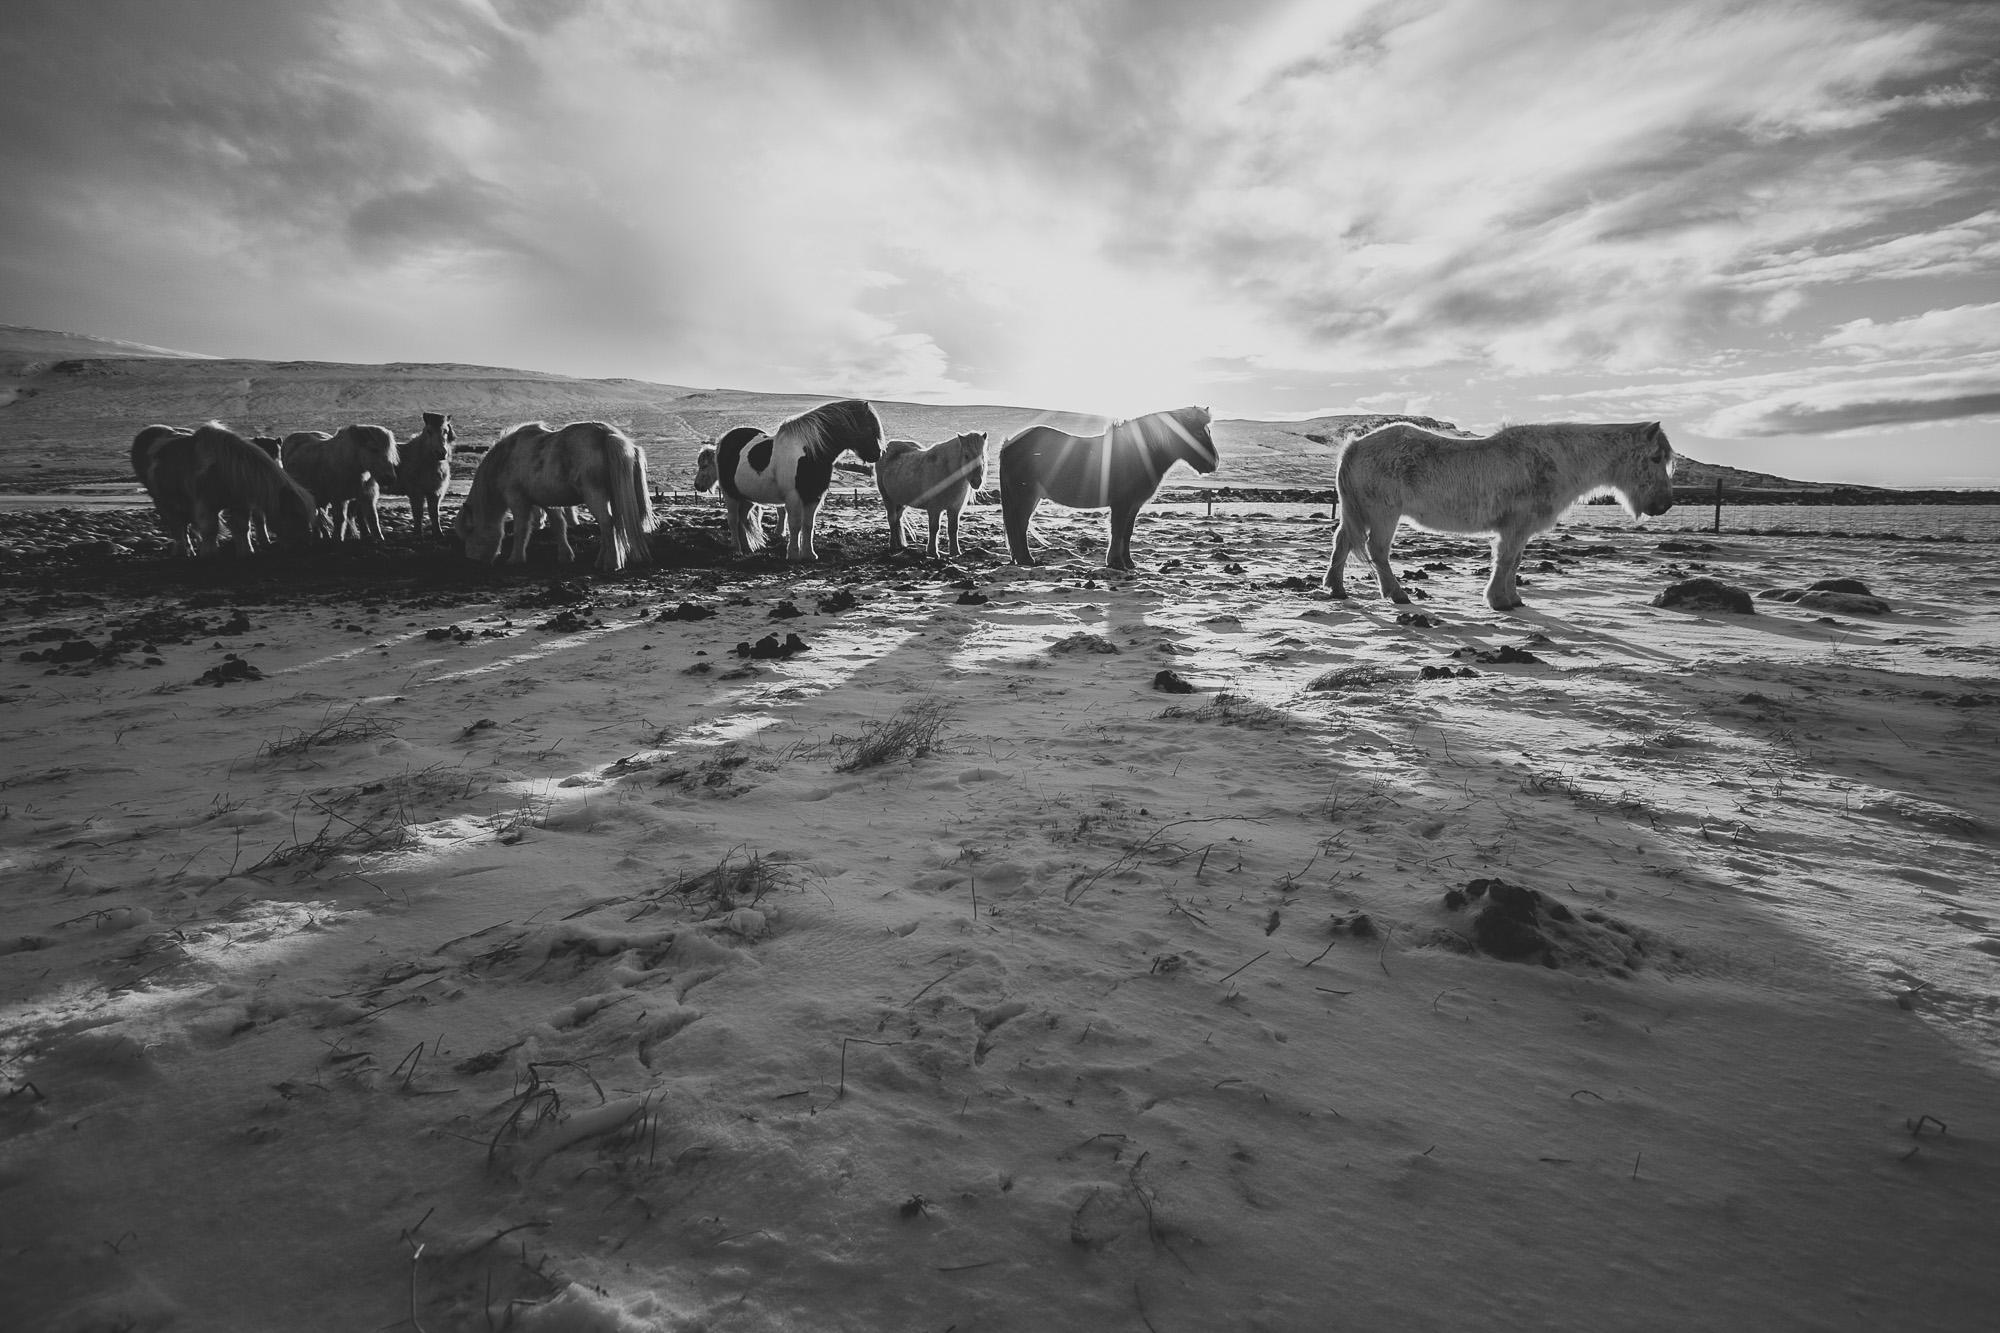 fotos em preto e branco camilla cheade